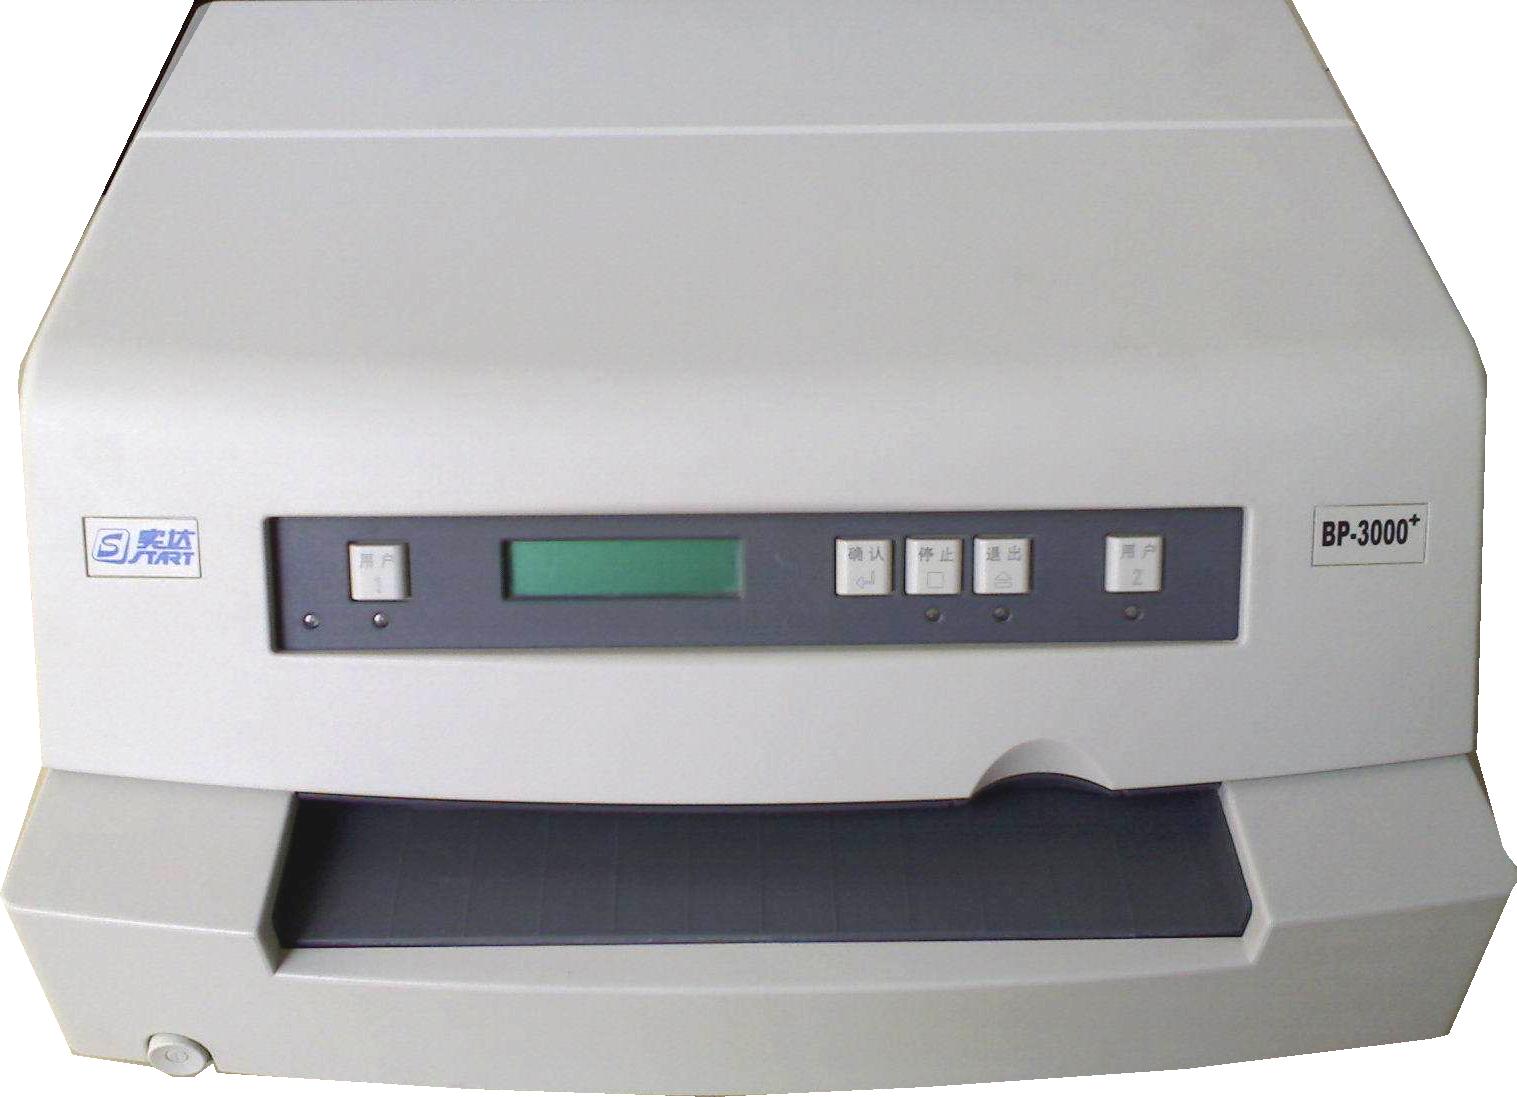 Equipos Financieros Impresoras Financieras